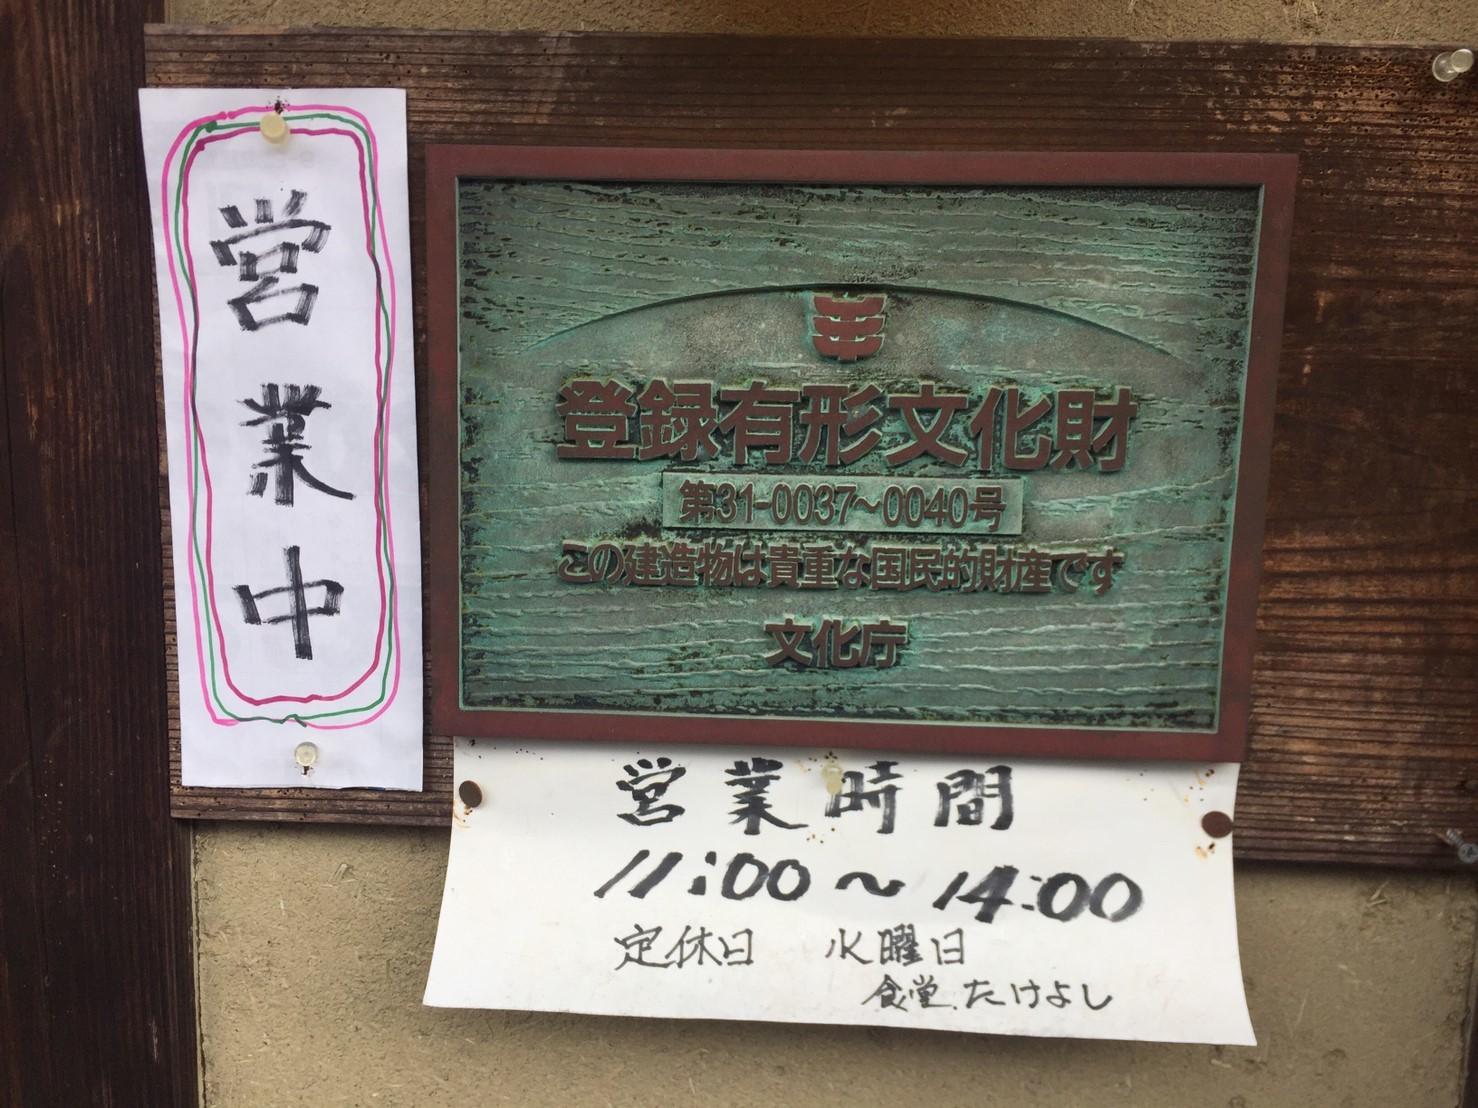 食事処 塩屋出店 たけよし & 喫茶樹里 閉店_e0115904_11264985.jpg